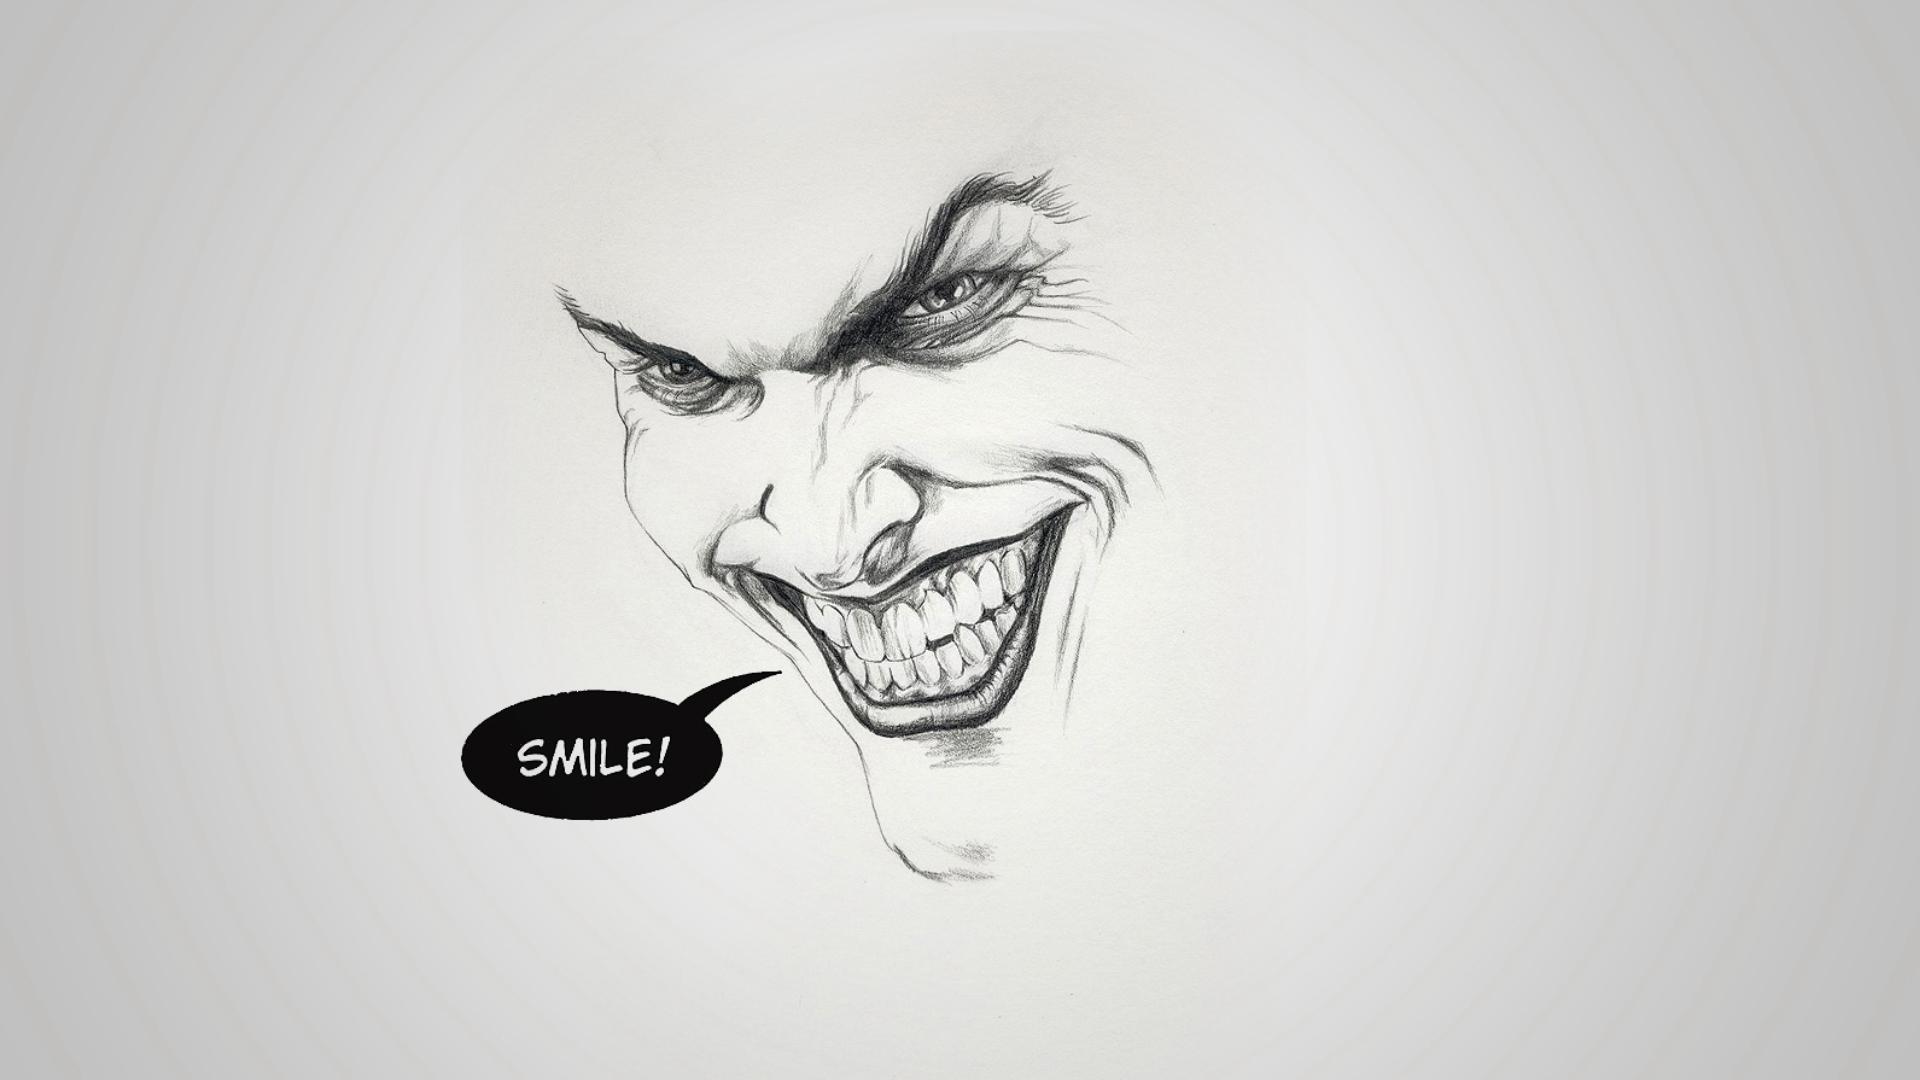 Hd wallpaper of joker - Comics Joker Wallpaper